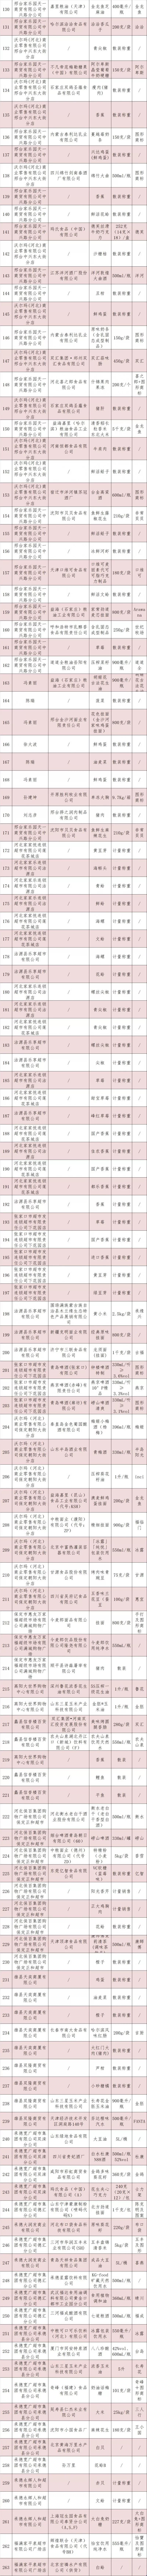 河北省市场监督管理局关于食品安全专项抽检情